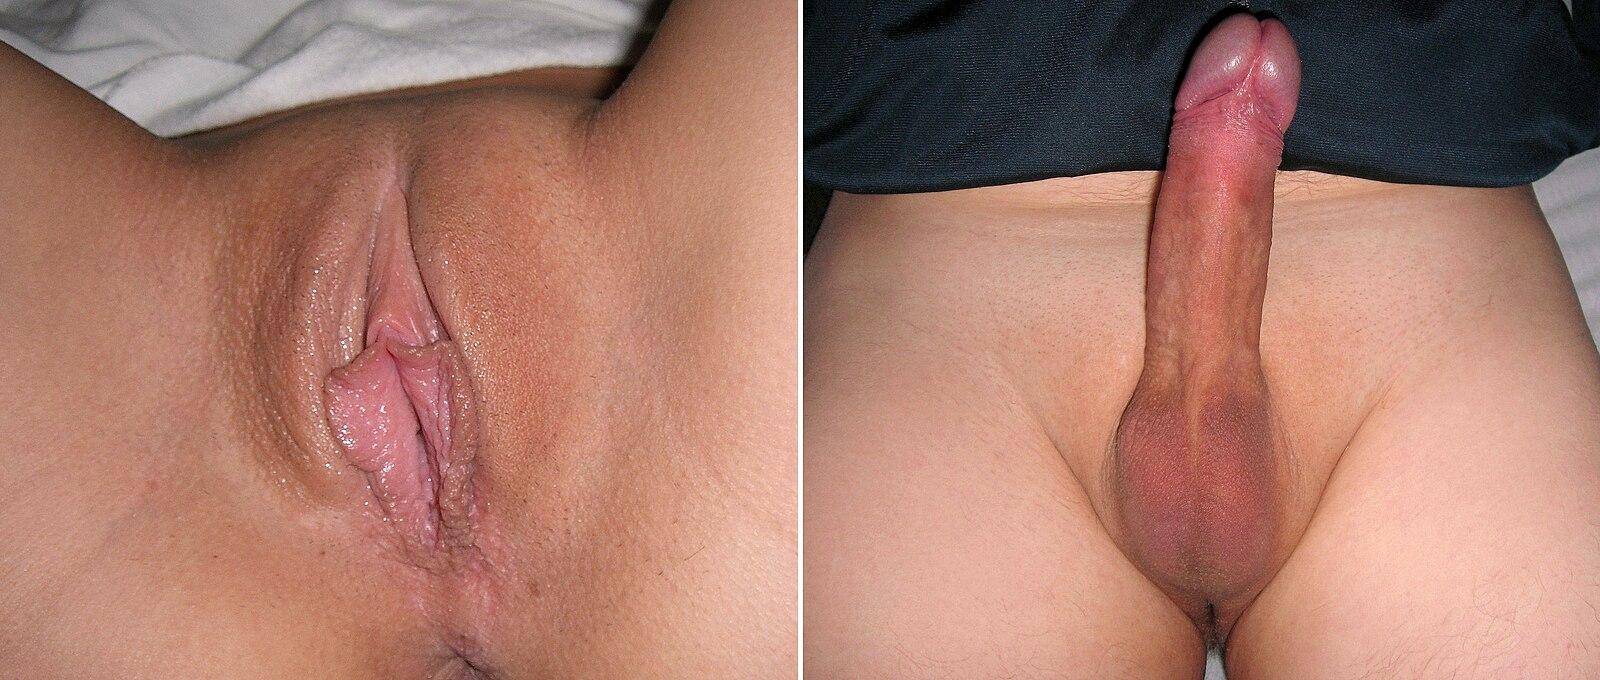 Женщина показывает и комментирует свои гениталии видео, показать порно ролики шлюх большие сиськи